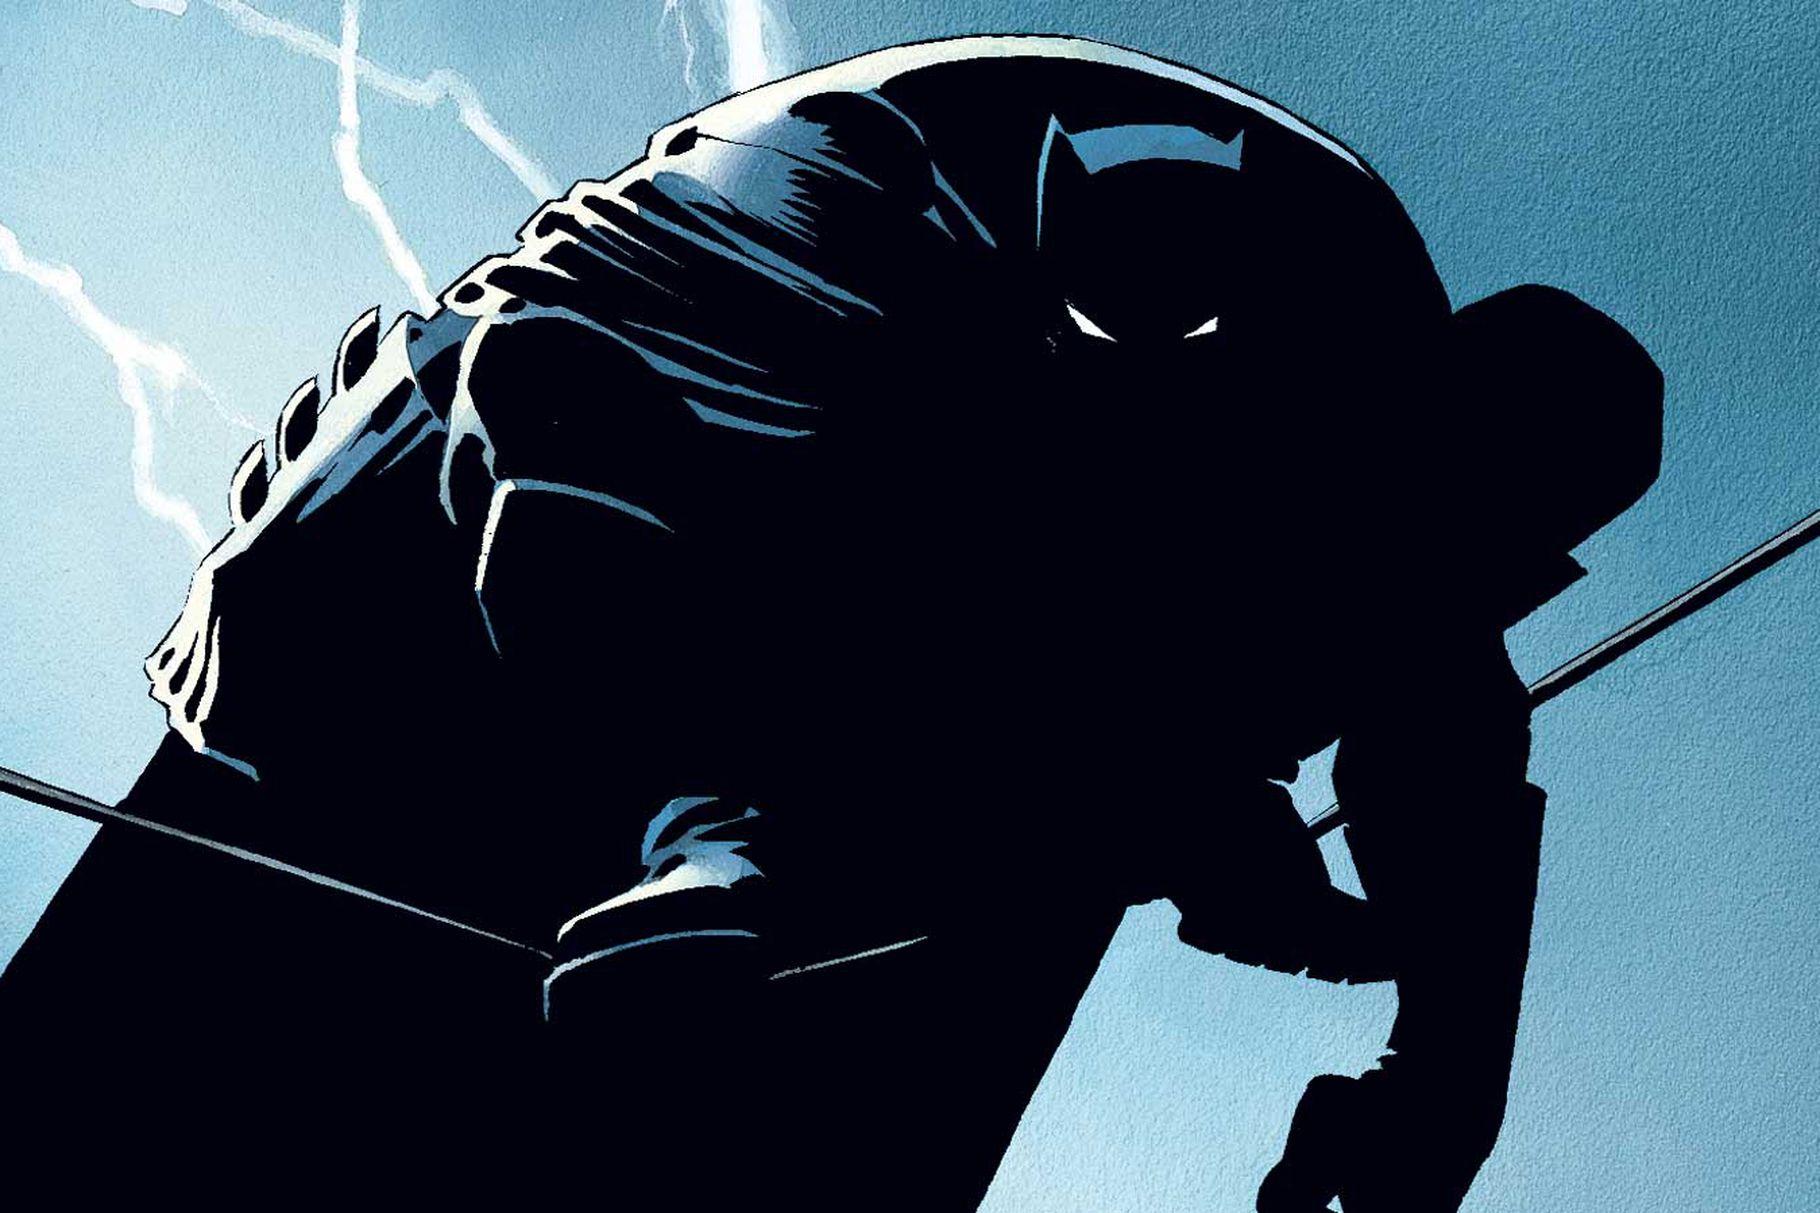 Batman Day Takes Flight Worldwide, 'Joker' Takes Cue From 'Catwoman'